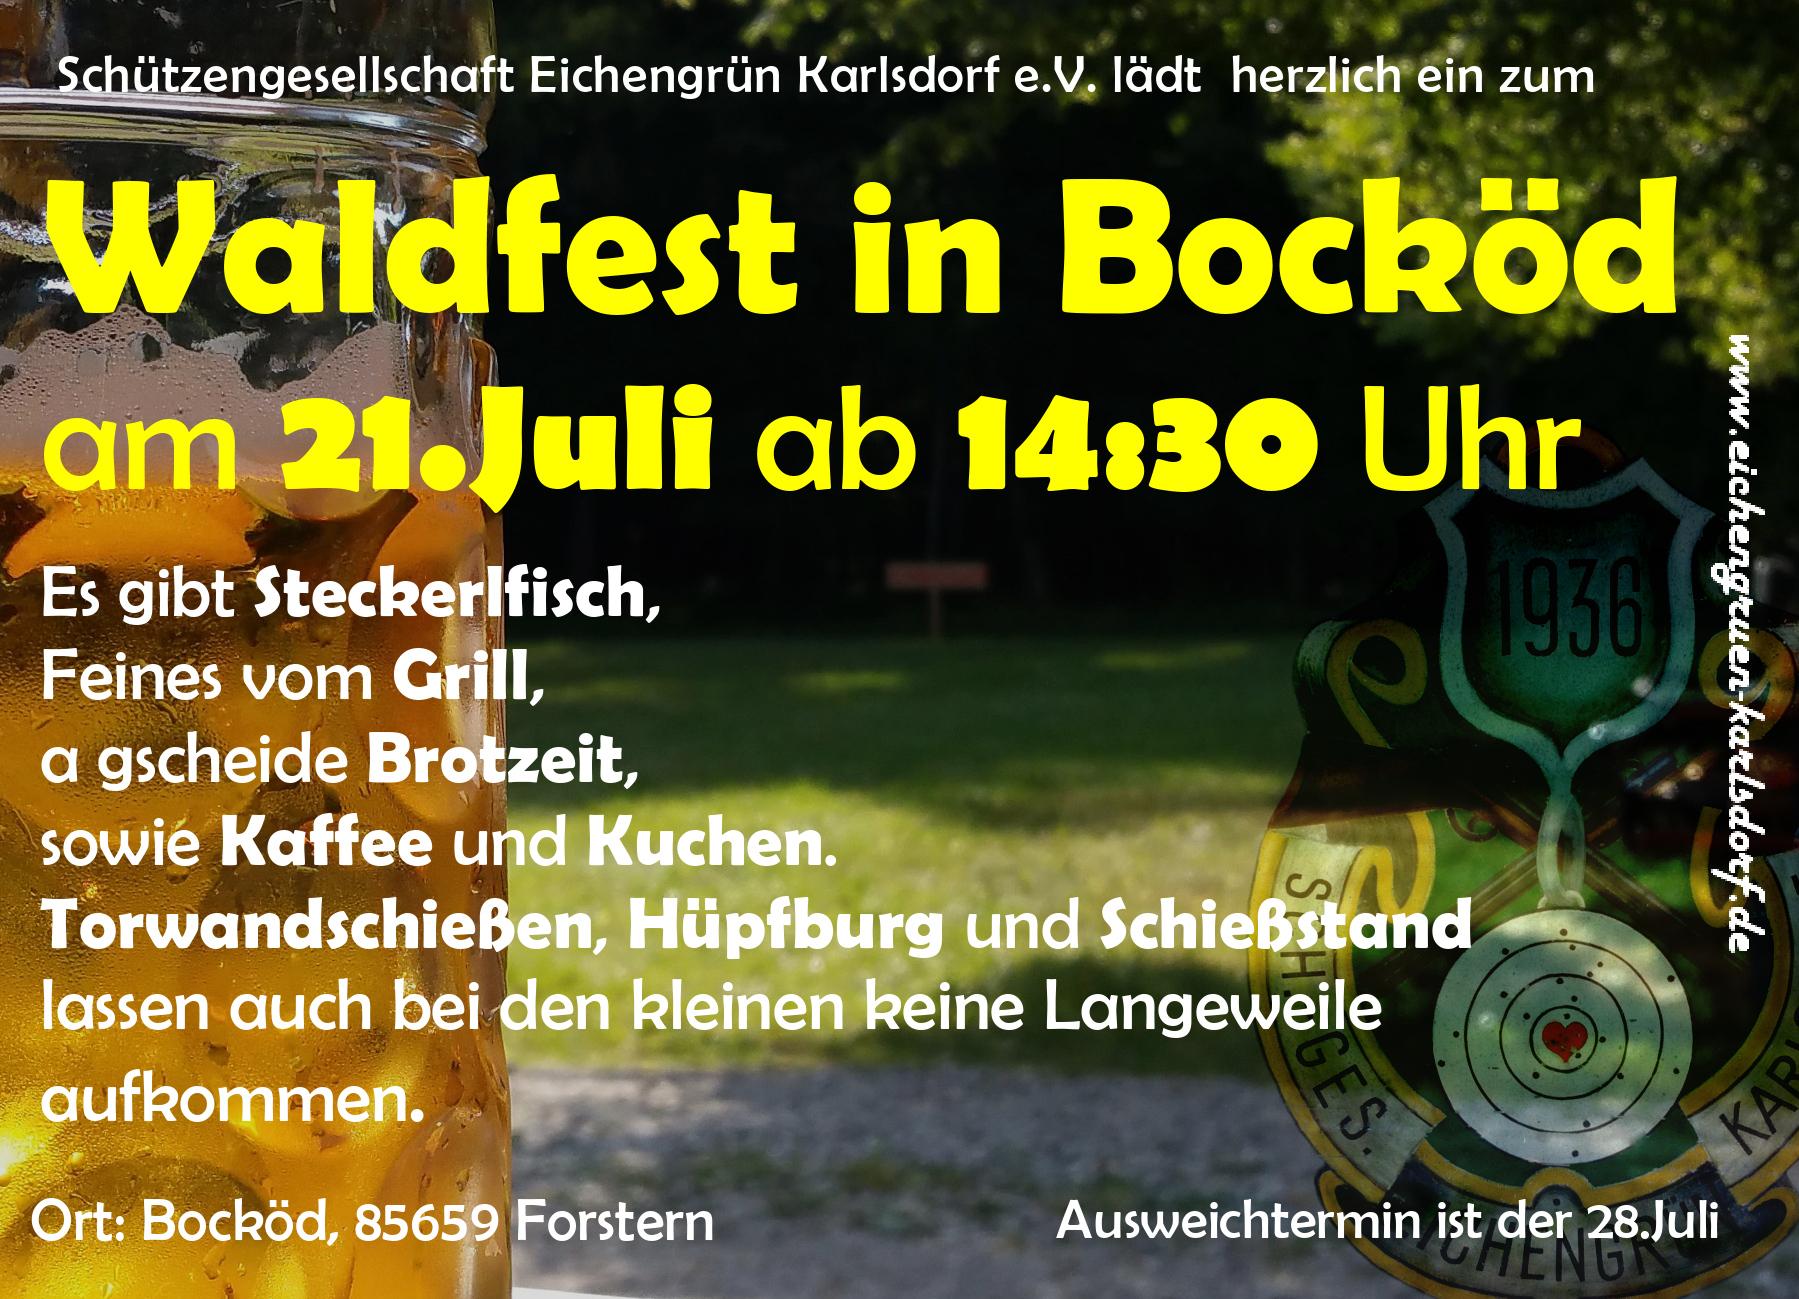 Waldfest am 21.Juli 2019